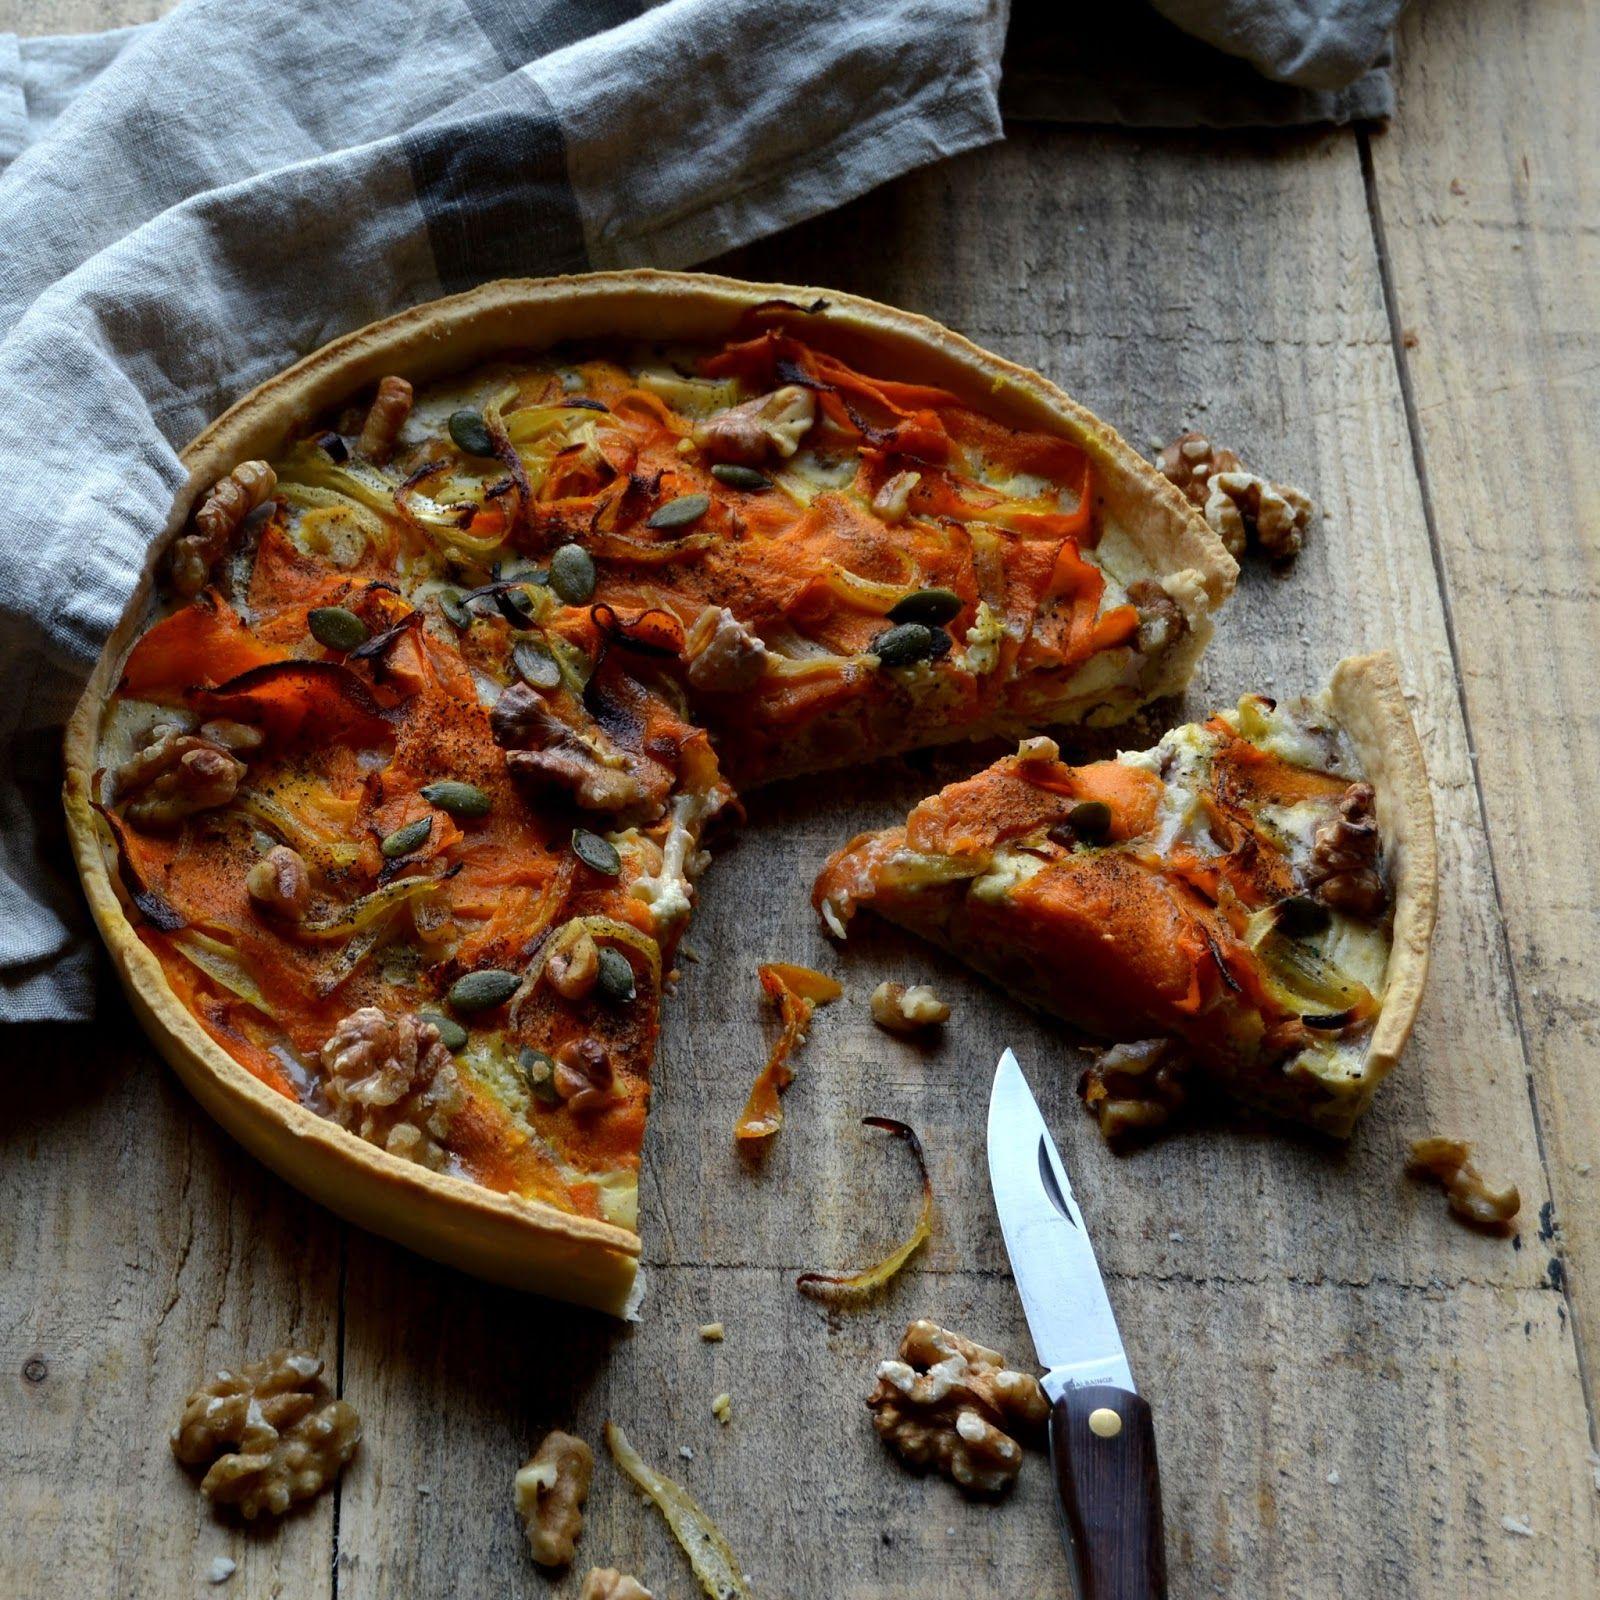 blog cocina y gastronoma recetas faciles y sencillas cocina vegetariana cocina cocina murciana cocina